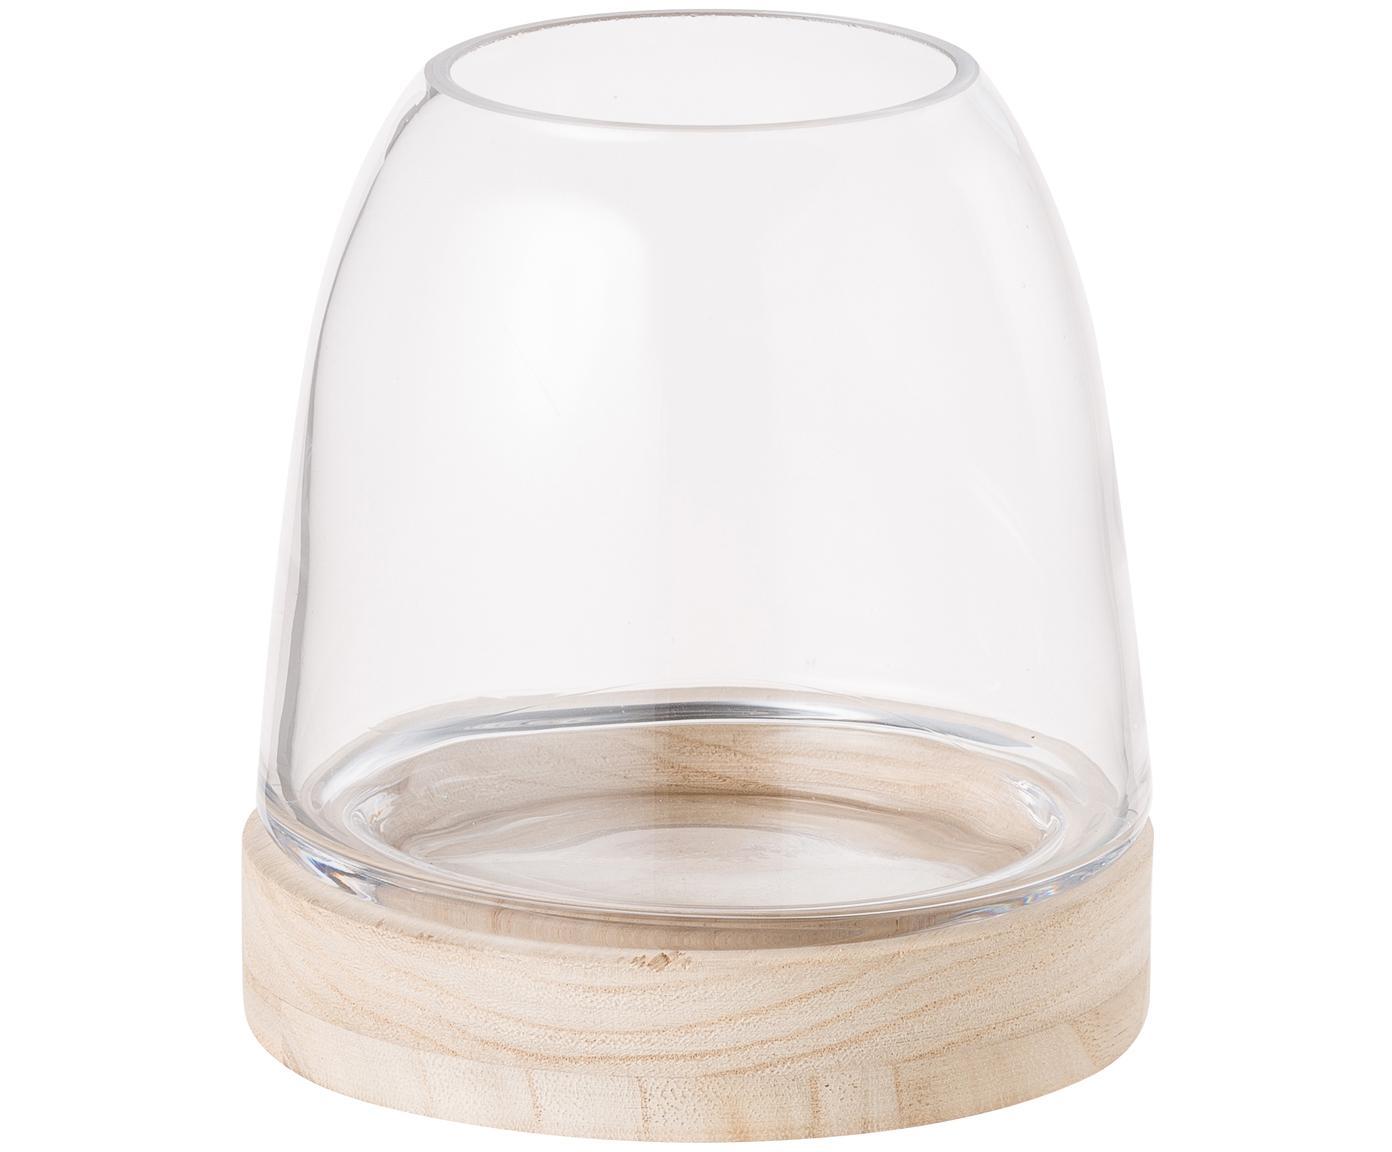 Windlicht Filio, Blauglockenbaum Holz, Glas, Hellbraun, Transparent, Ø 13 x H 13 cm